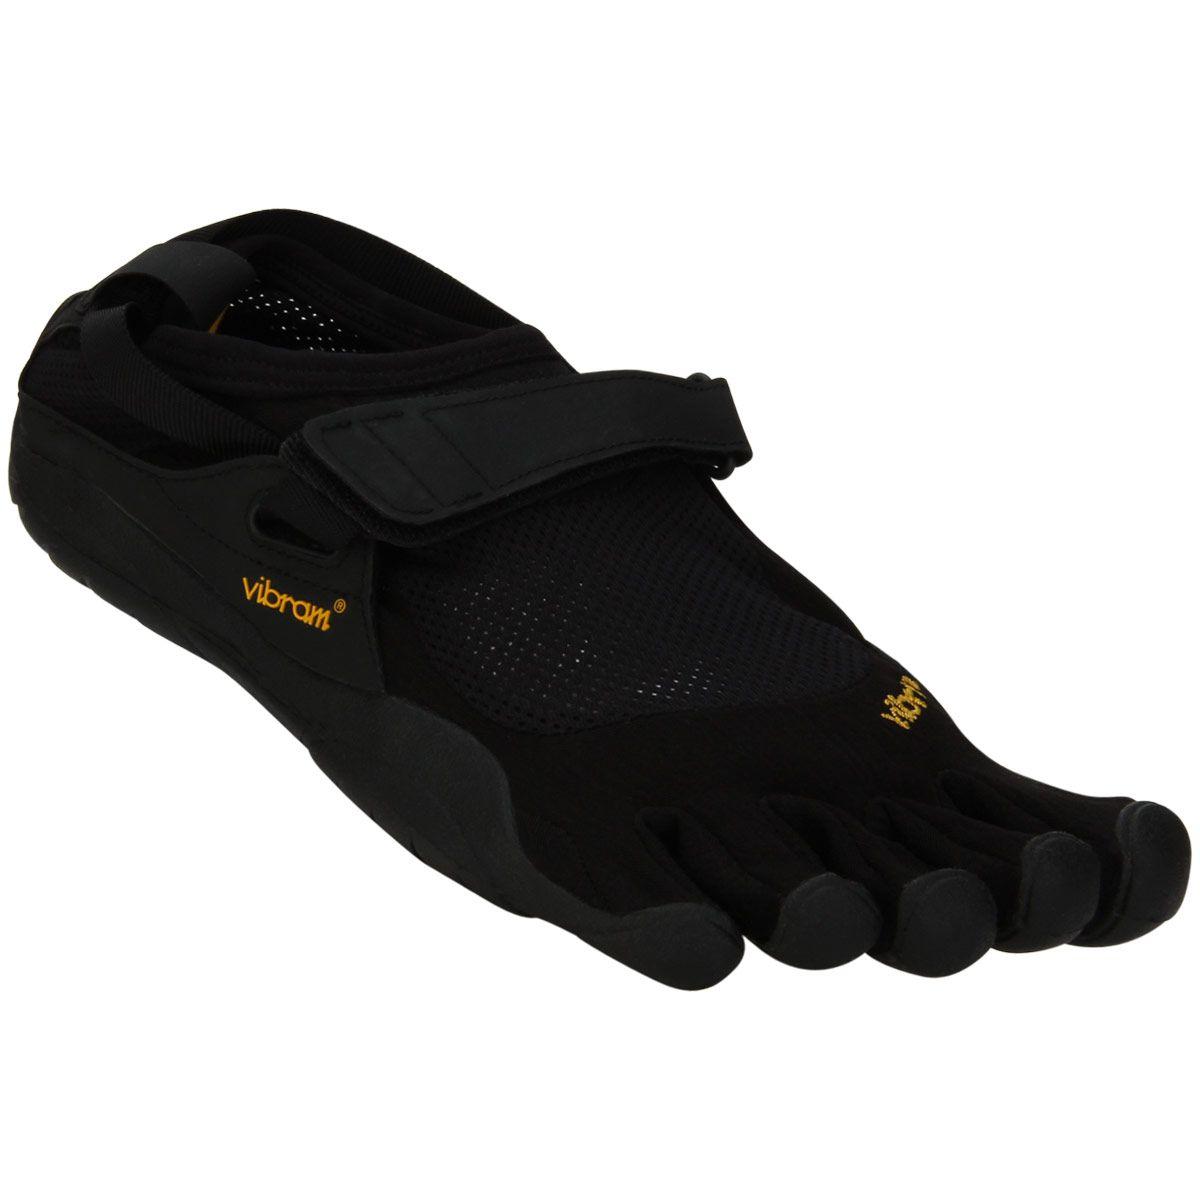 Calçado Five Finger, uma luva para os pés, ótimo para fazer trilhas!